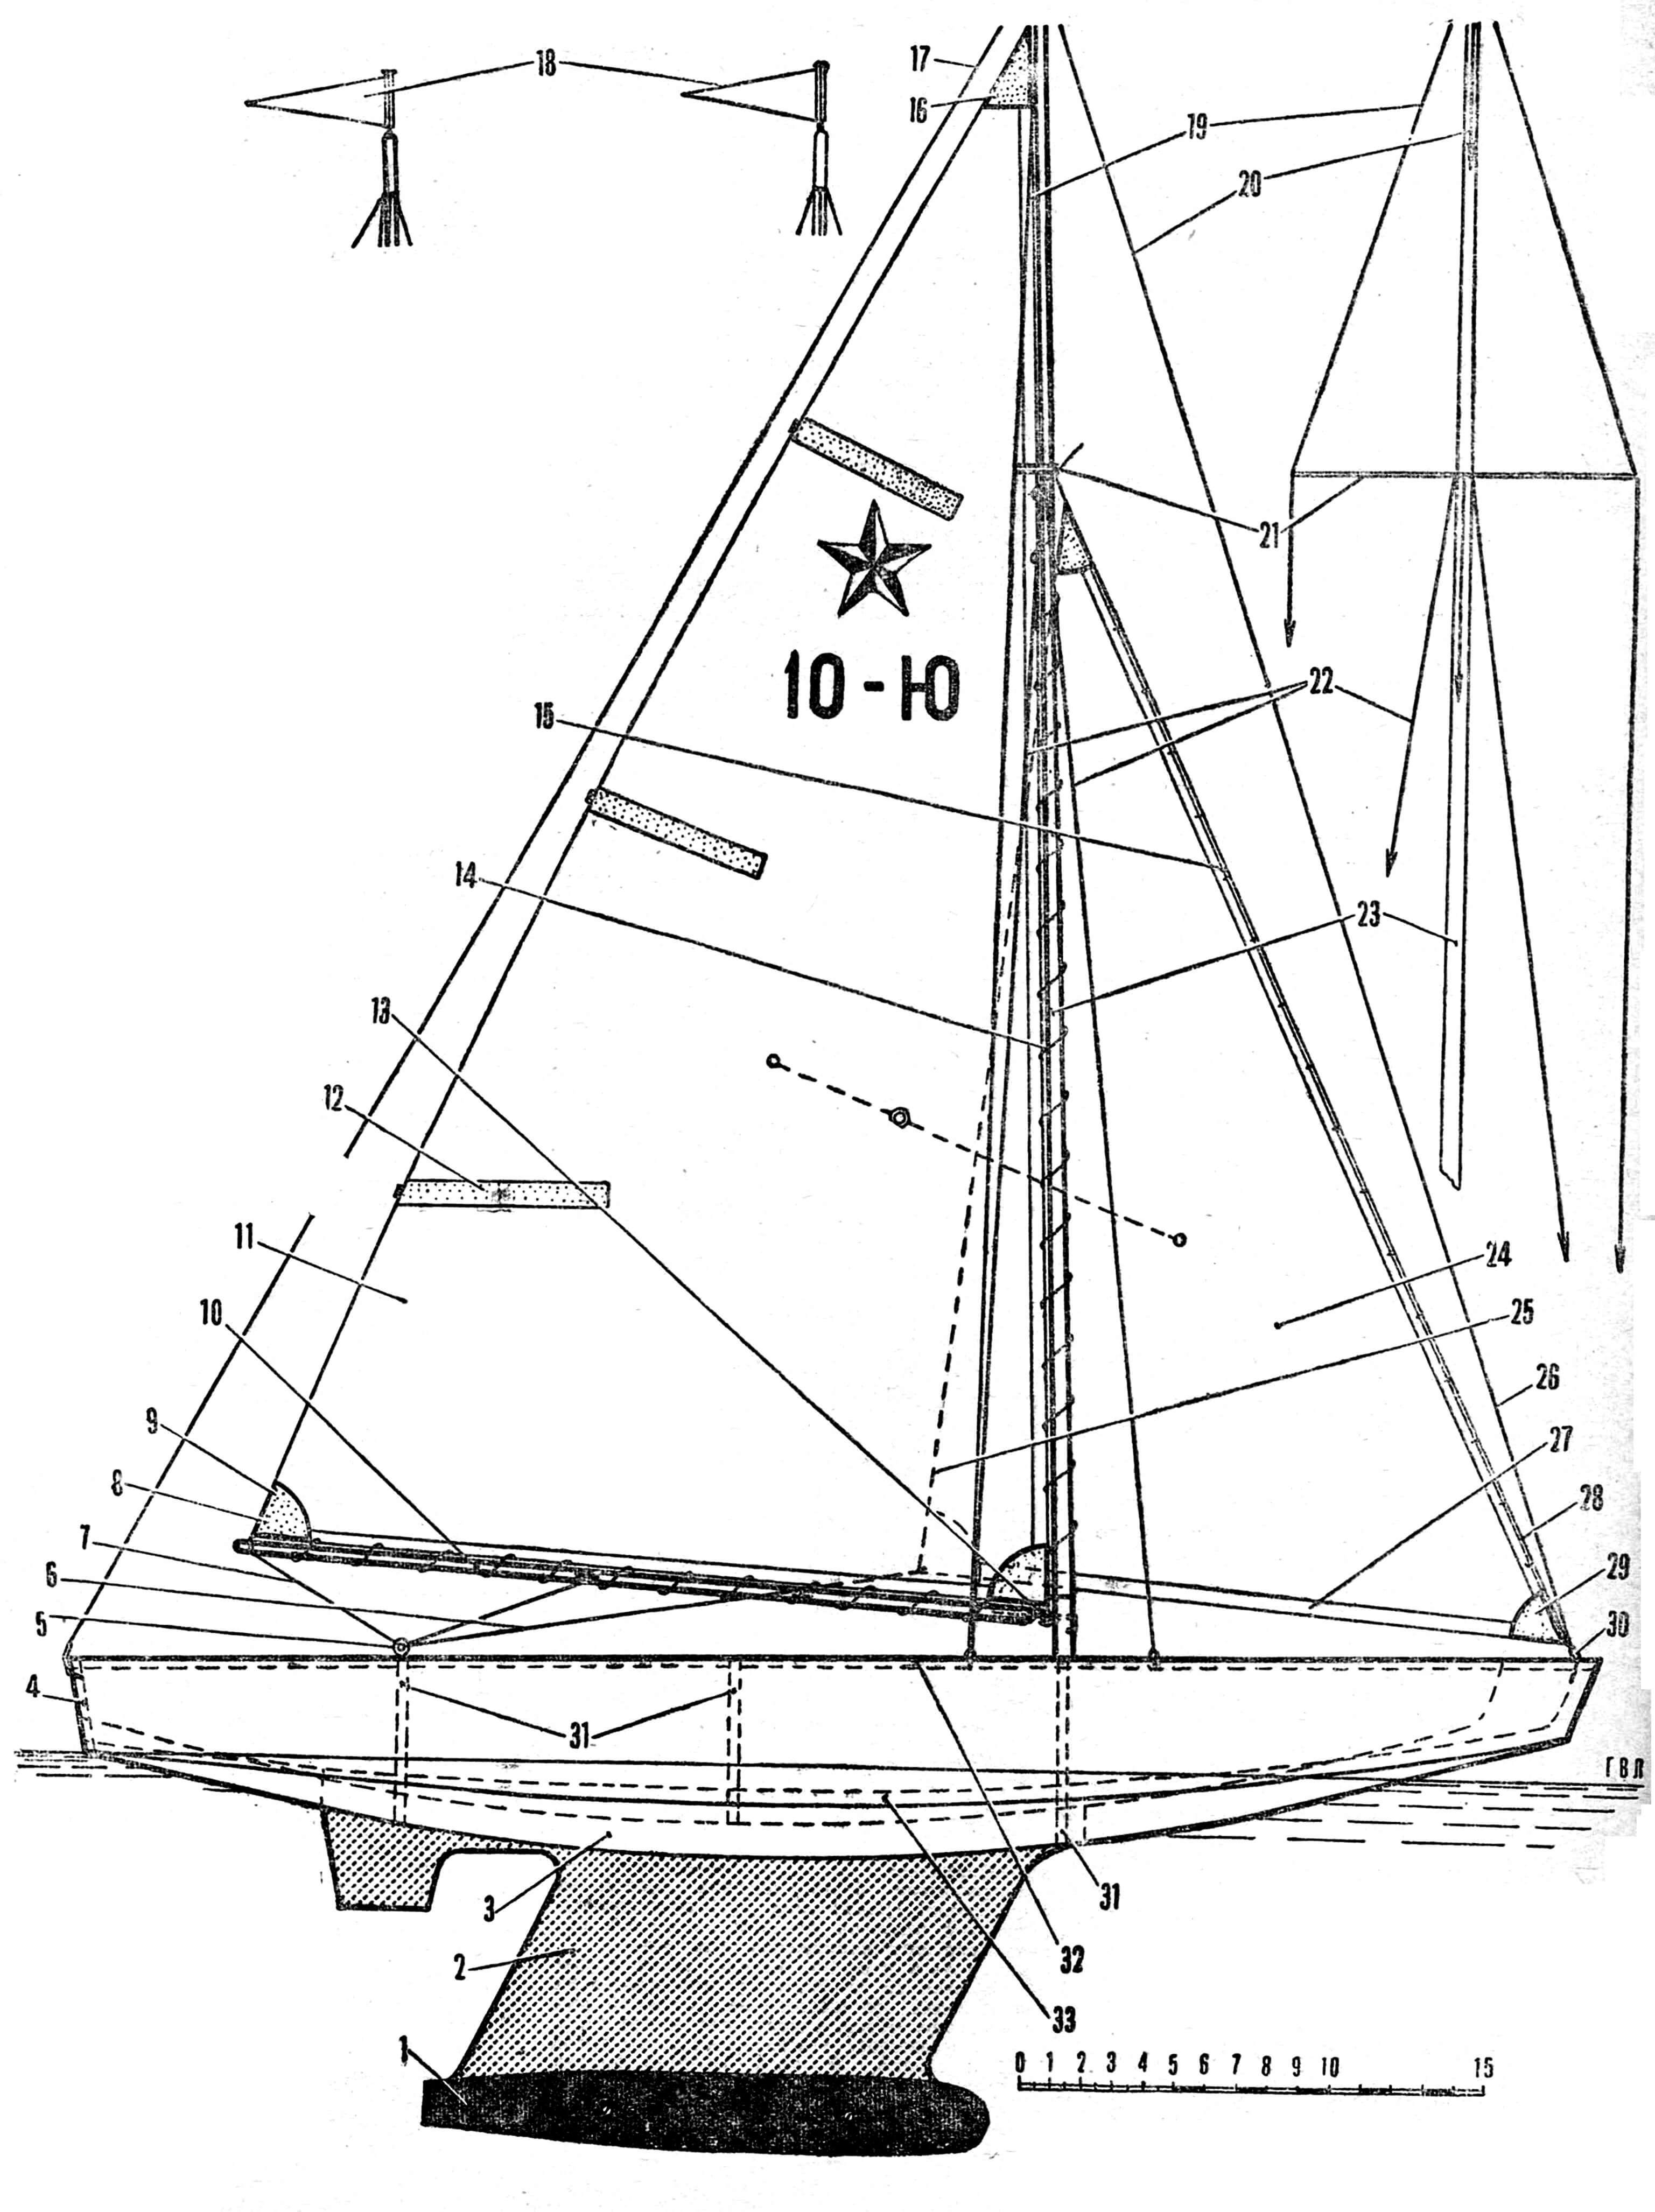 Модель яхты «Звездочка 10-Ю»: 1 — балласт, 2 — наружный киль, 3 — внутренний киль, 4 — транец, 5 — погон с обушком, 6 — стаксель-шкот, 7 — грота-шкот, 8 — шкотовый угол грота, 9 — боут, 10 — гик, 11 — грот, 12 — латы грота, 13 — крепление гика к мачте, 14 — шнуровка грота, 15 — шнуровка стакселя, 16 — фаловый угол грота, 17 — ахтер-штаг, 18 — флюгарка, 19 — топ-ванты, 20 — носовой штаг, 21 — краспица, 22 — нижние ванты, 23 — мачта, 24 — стаксель, 25 — задняя шкоторина стакселя, 25 — передняя шкаторина стакселя, 27 — нижняя шкаторина стакселя, 28 — стаксель-леер, 29 — боут галсового угла стакселя, 30 — обушок для крепления штагов, 31 — шпангоуты, 32 — палубные стрингеры, 33 — днищевые стрингеры.